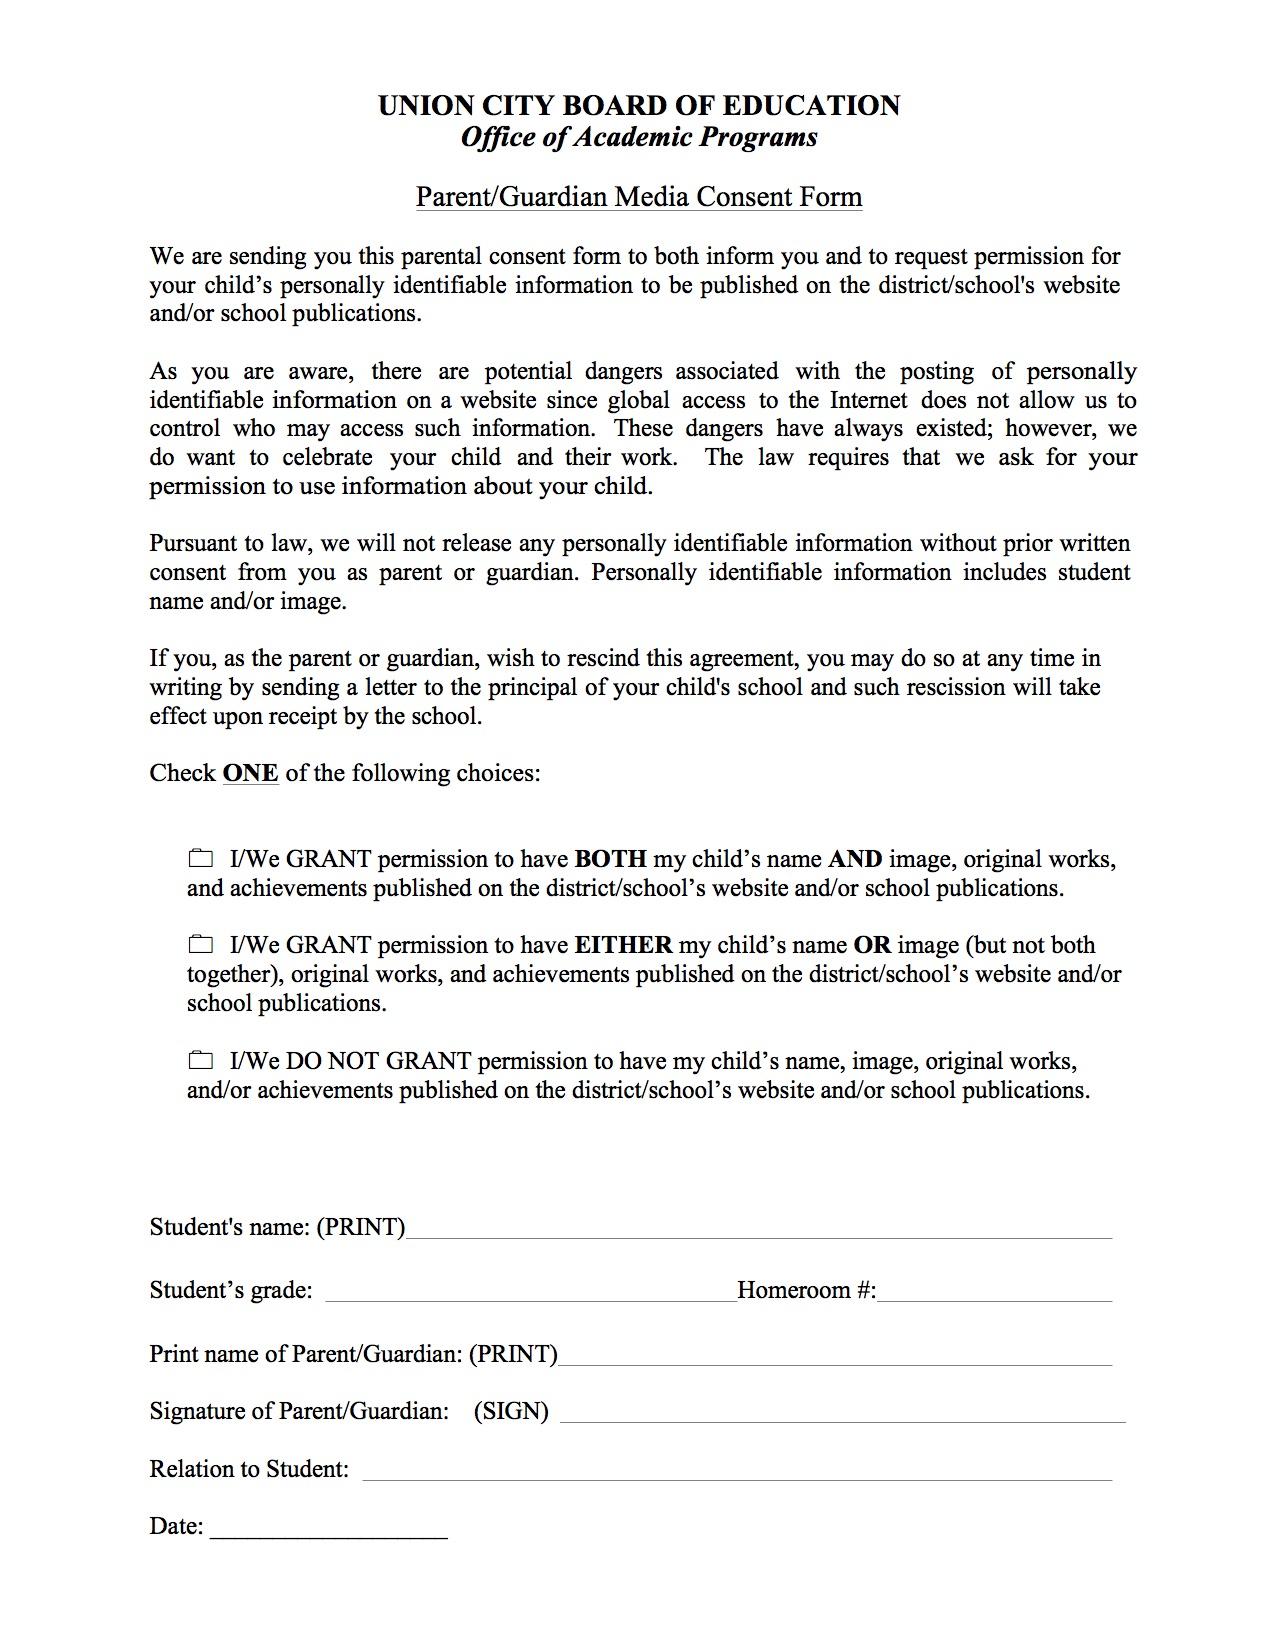 Parent consent form basics union city public schools parent consent form thecheapjerseys Gallery